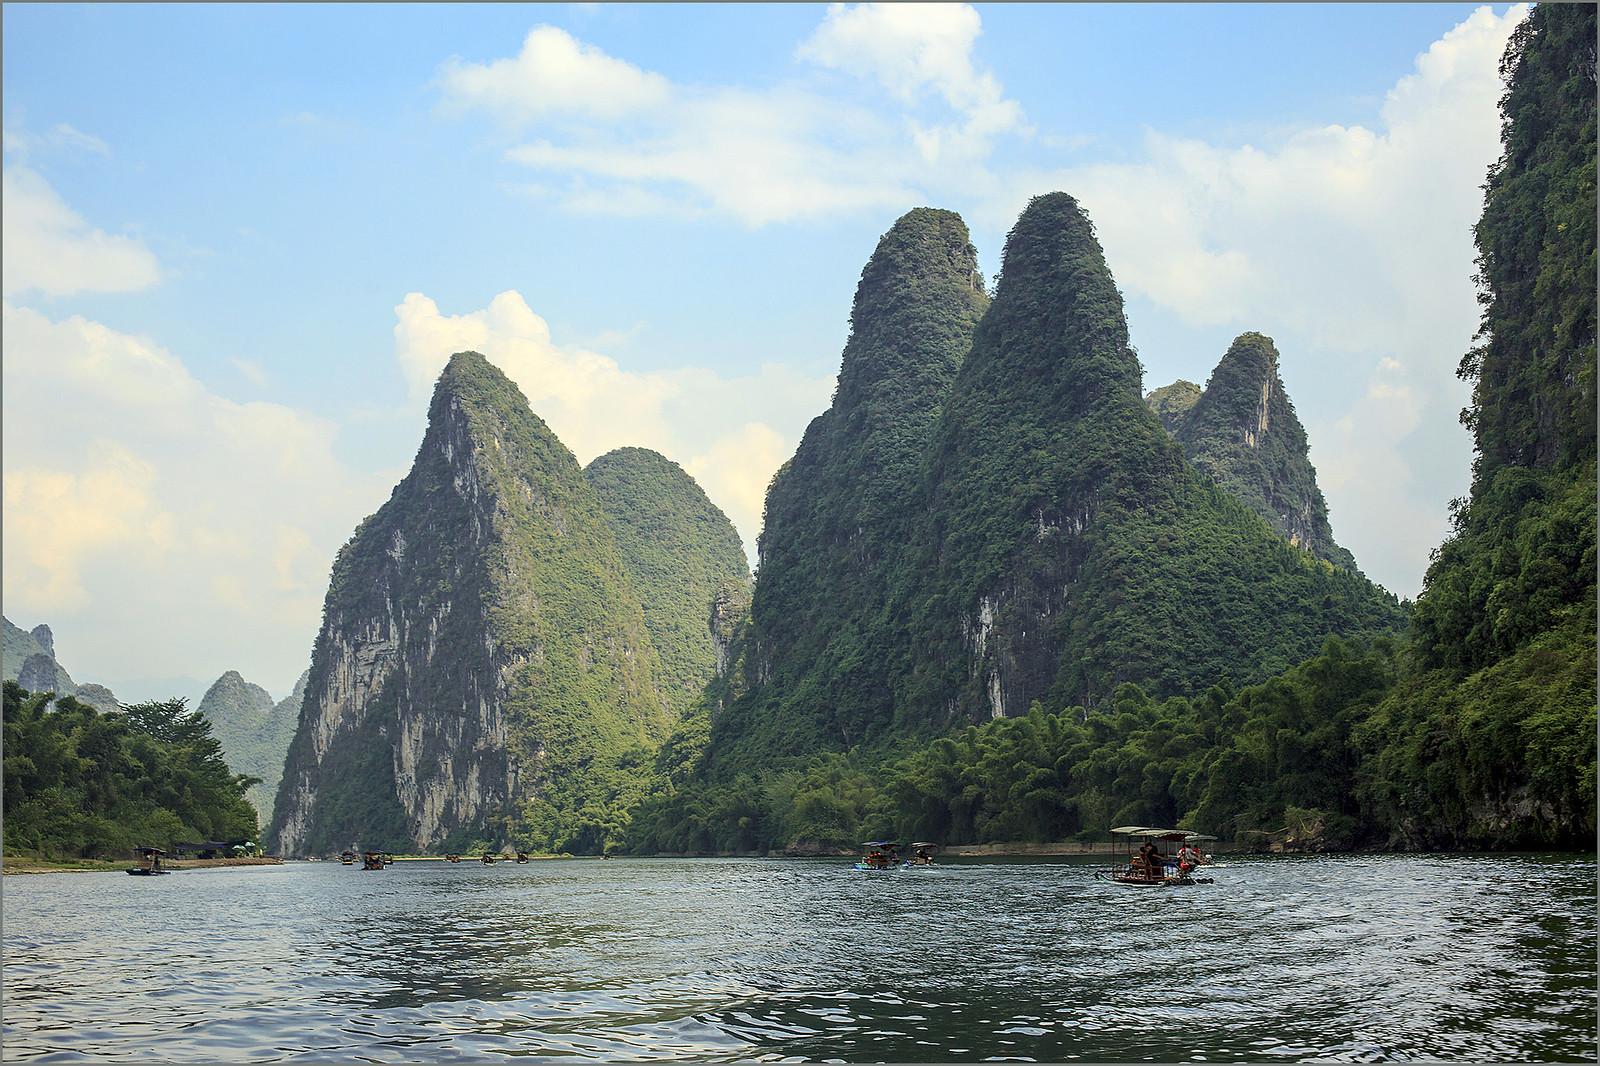 Li river boat tour, Canon EOS 5D MARK II, Canon EF 50mm f/1.4 USM